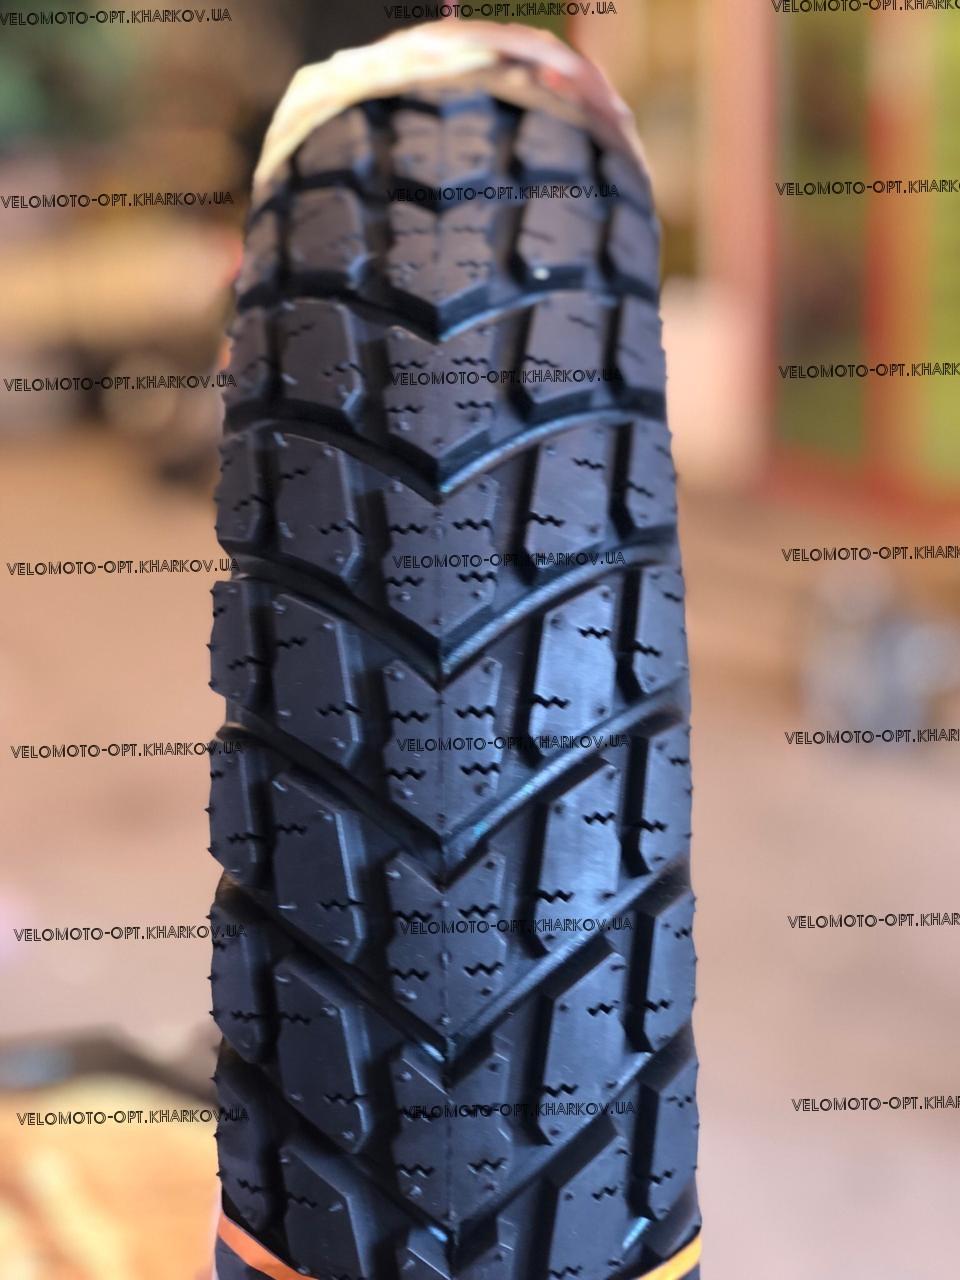 Покрышка зимняя Ascendo 3.50-10, HS544 TL, Ice Pro, отличного качества, Индонезия, б/к